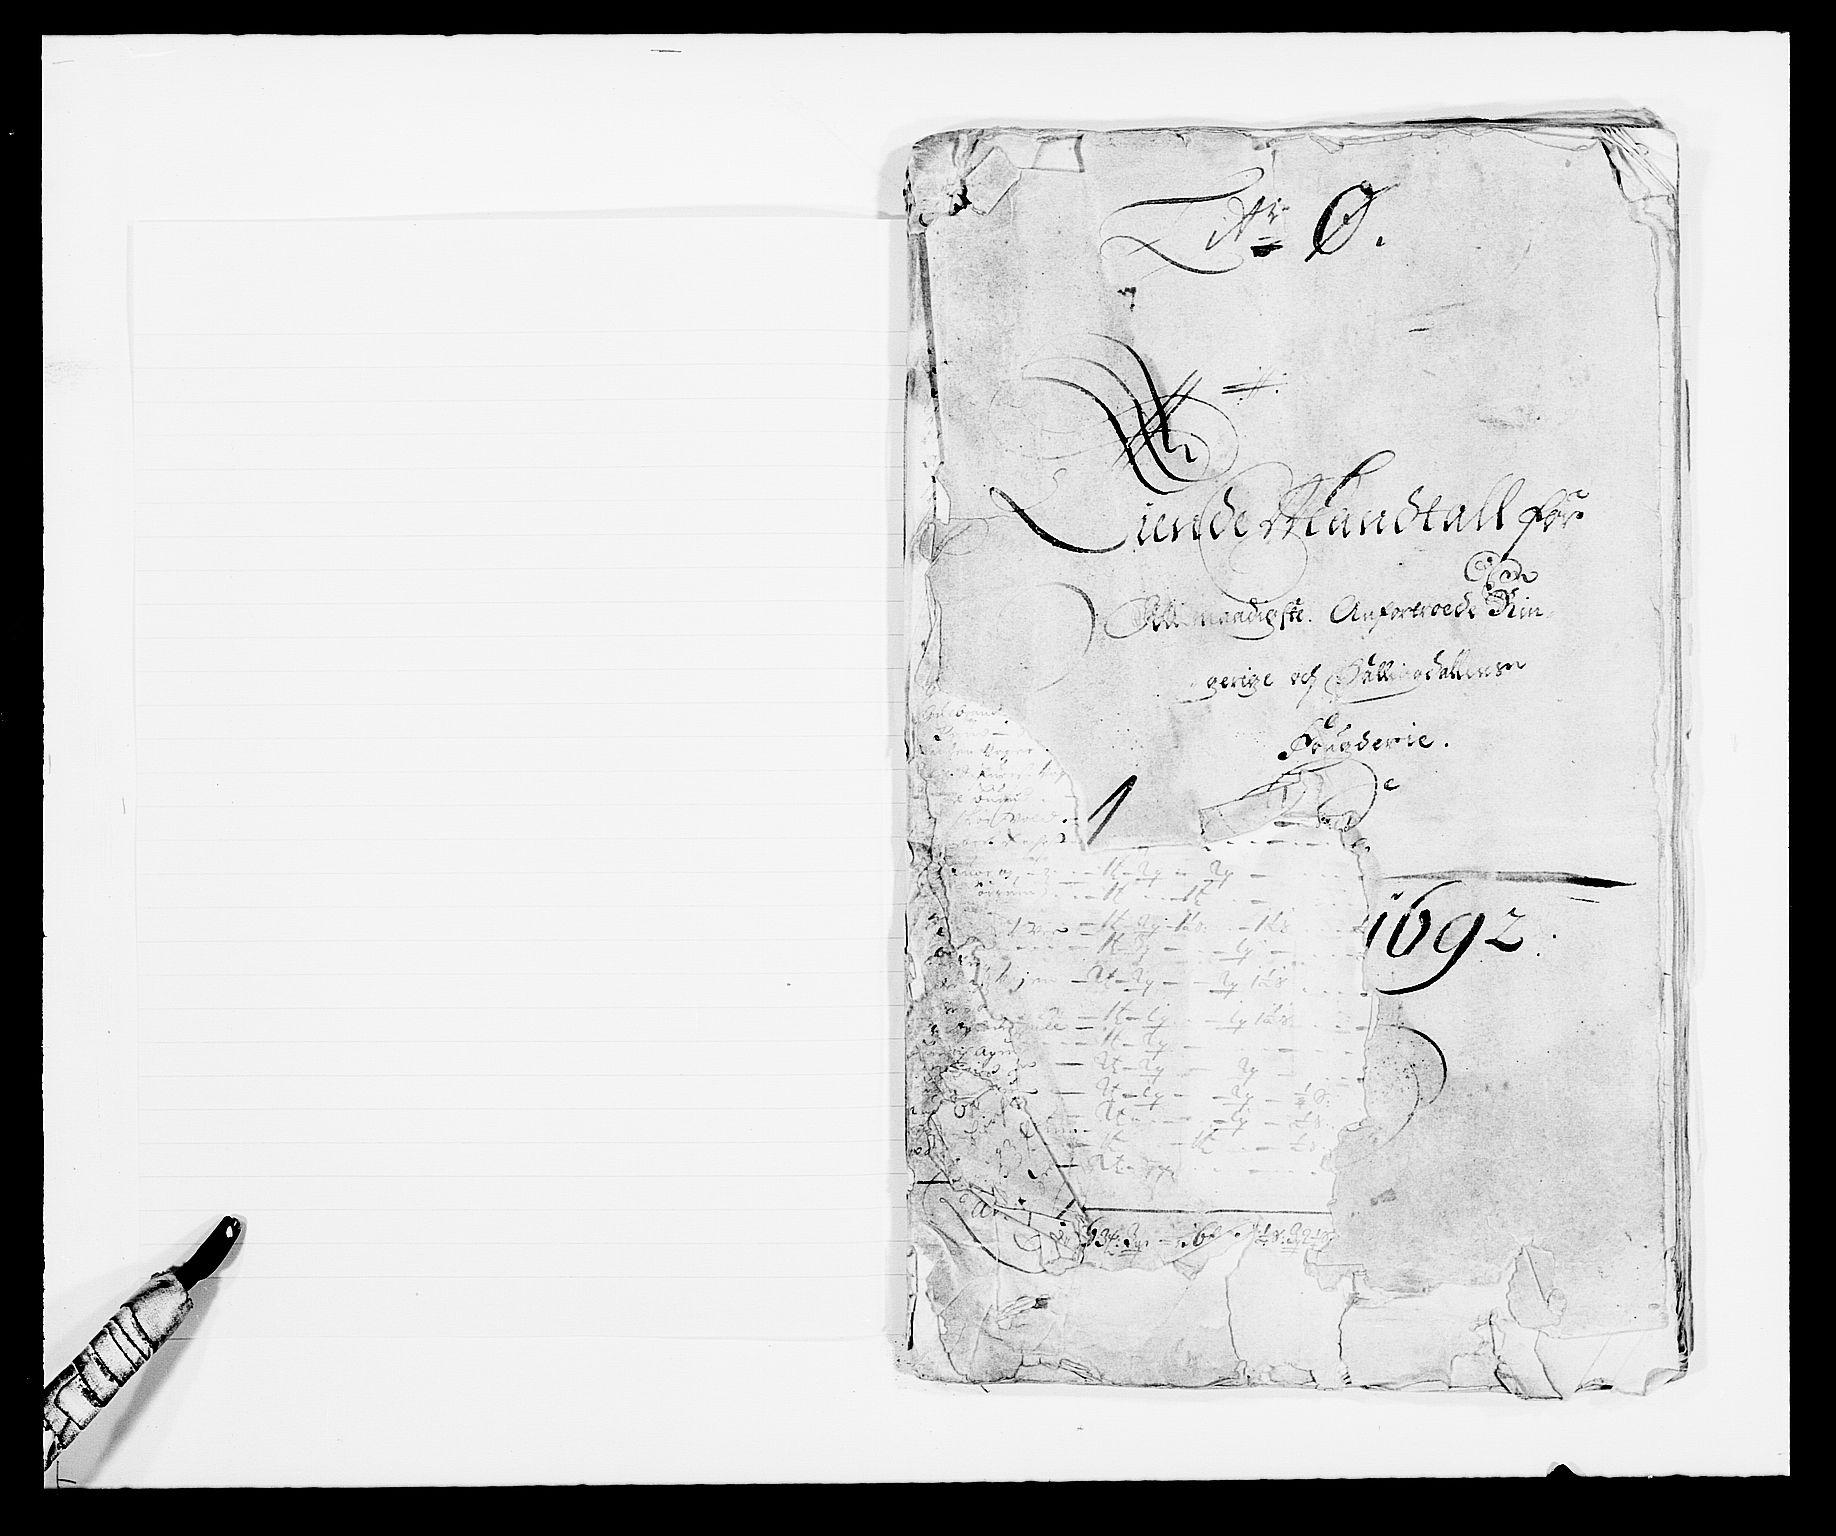 RA, Rentekammeret inntil 1814, Reviderte regnskaper, Fogderegnskap, R21/L1449: Fogderegnskap Ringerike og Hallingdal, 1690-1692, s. 161